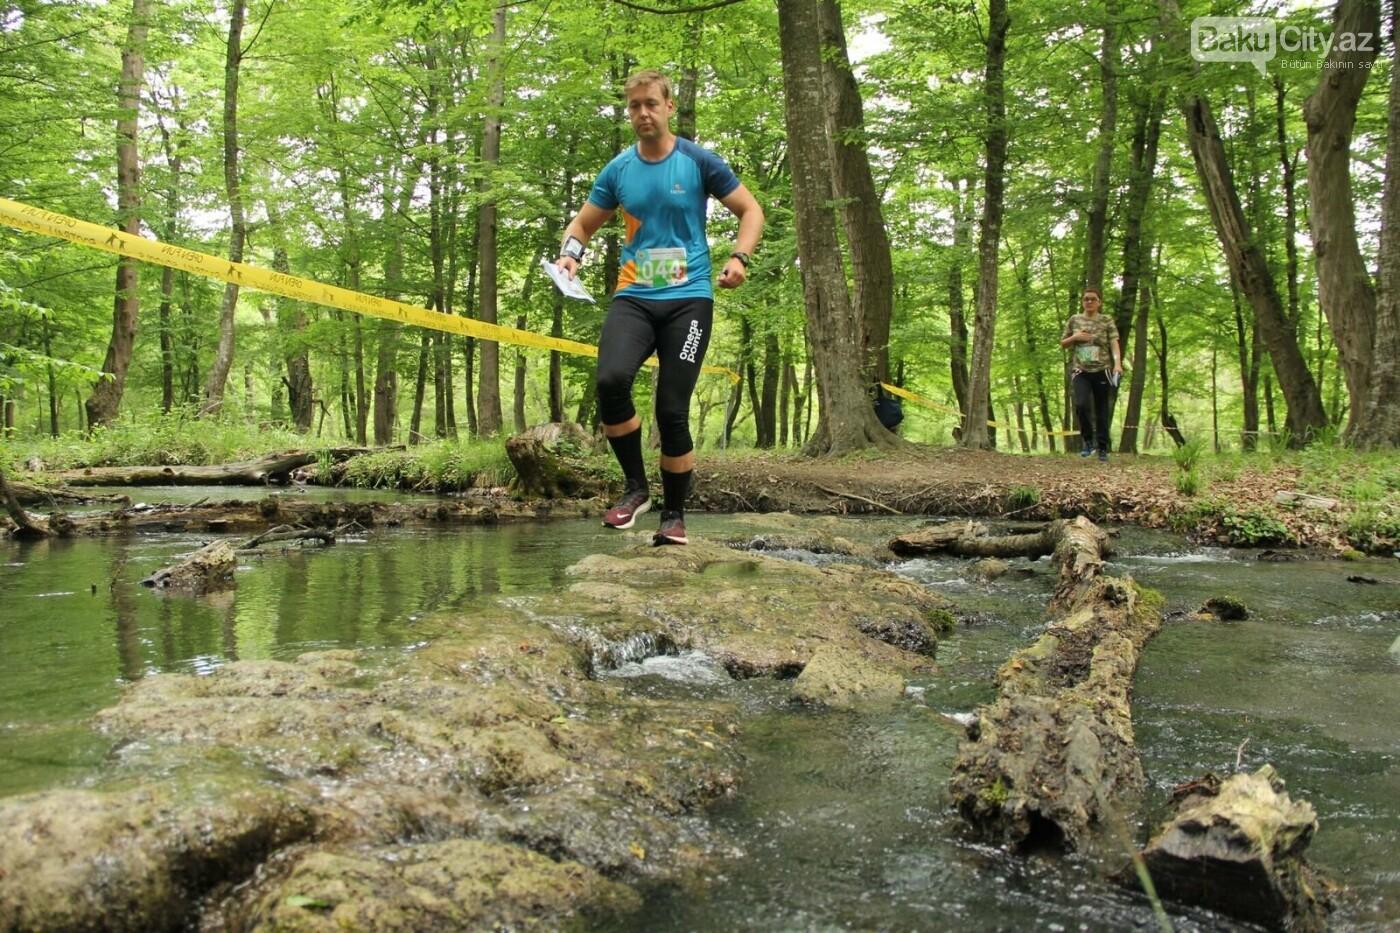 Bakıda Səmti müəyyənetmə üzrə Beynəlxalq yarış keçirilib - FOTO, fotoşəkil-8